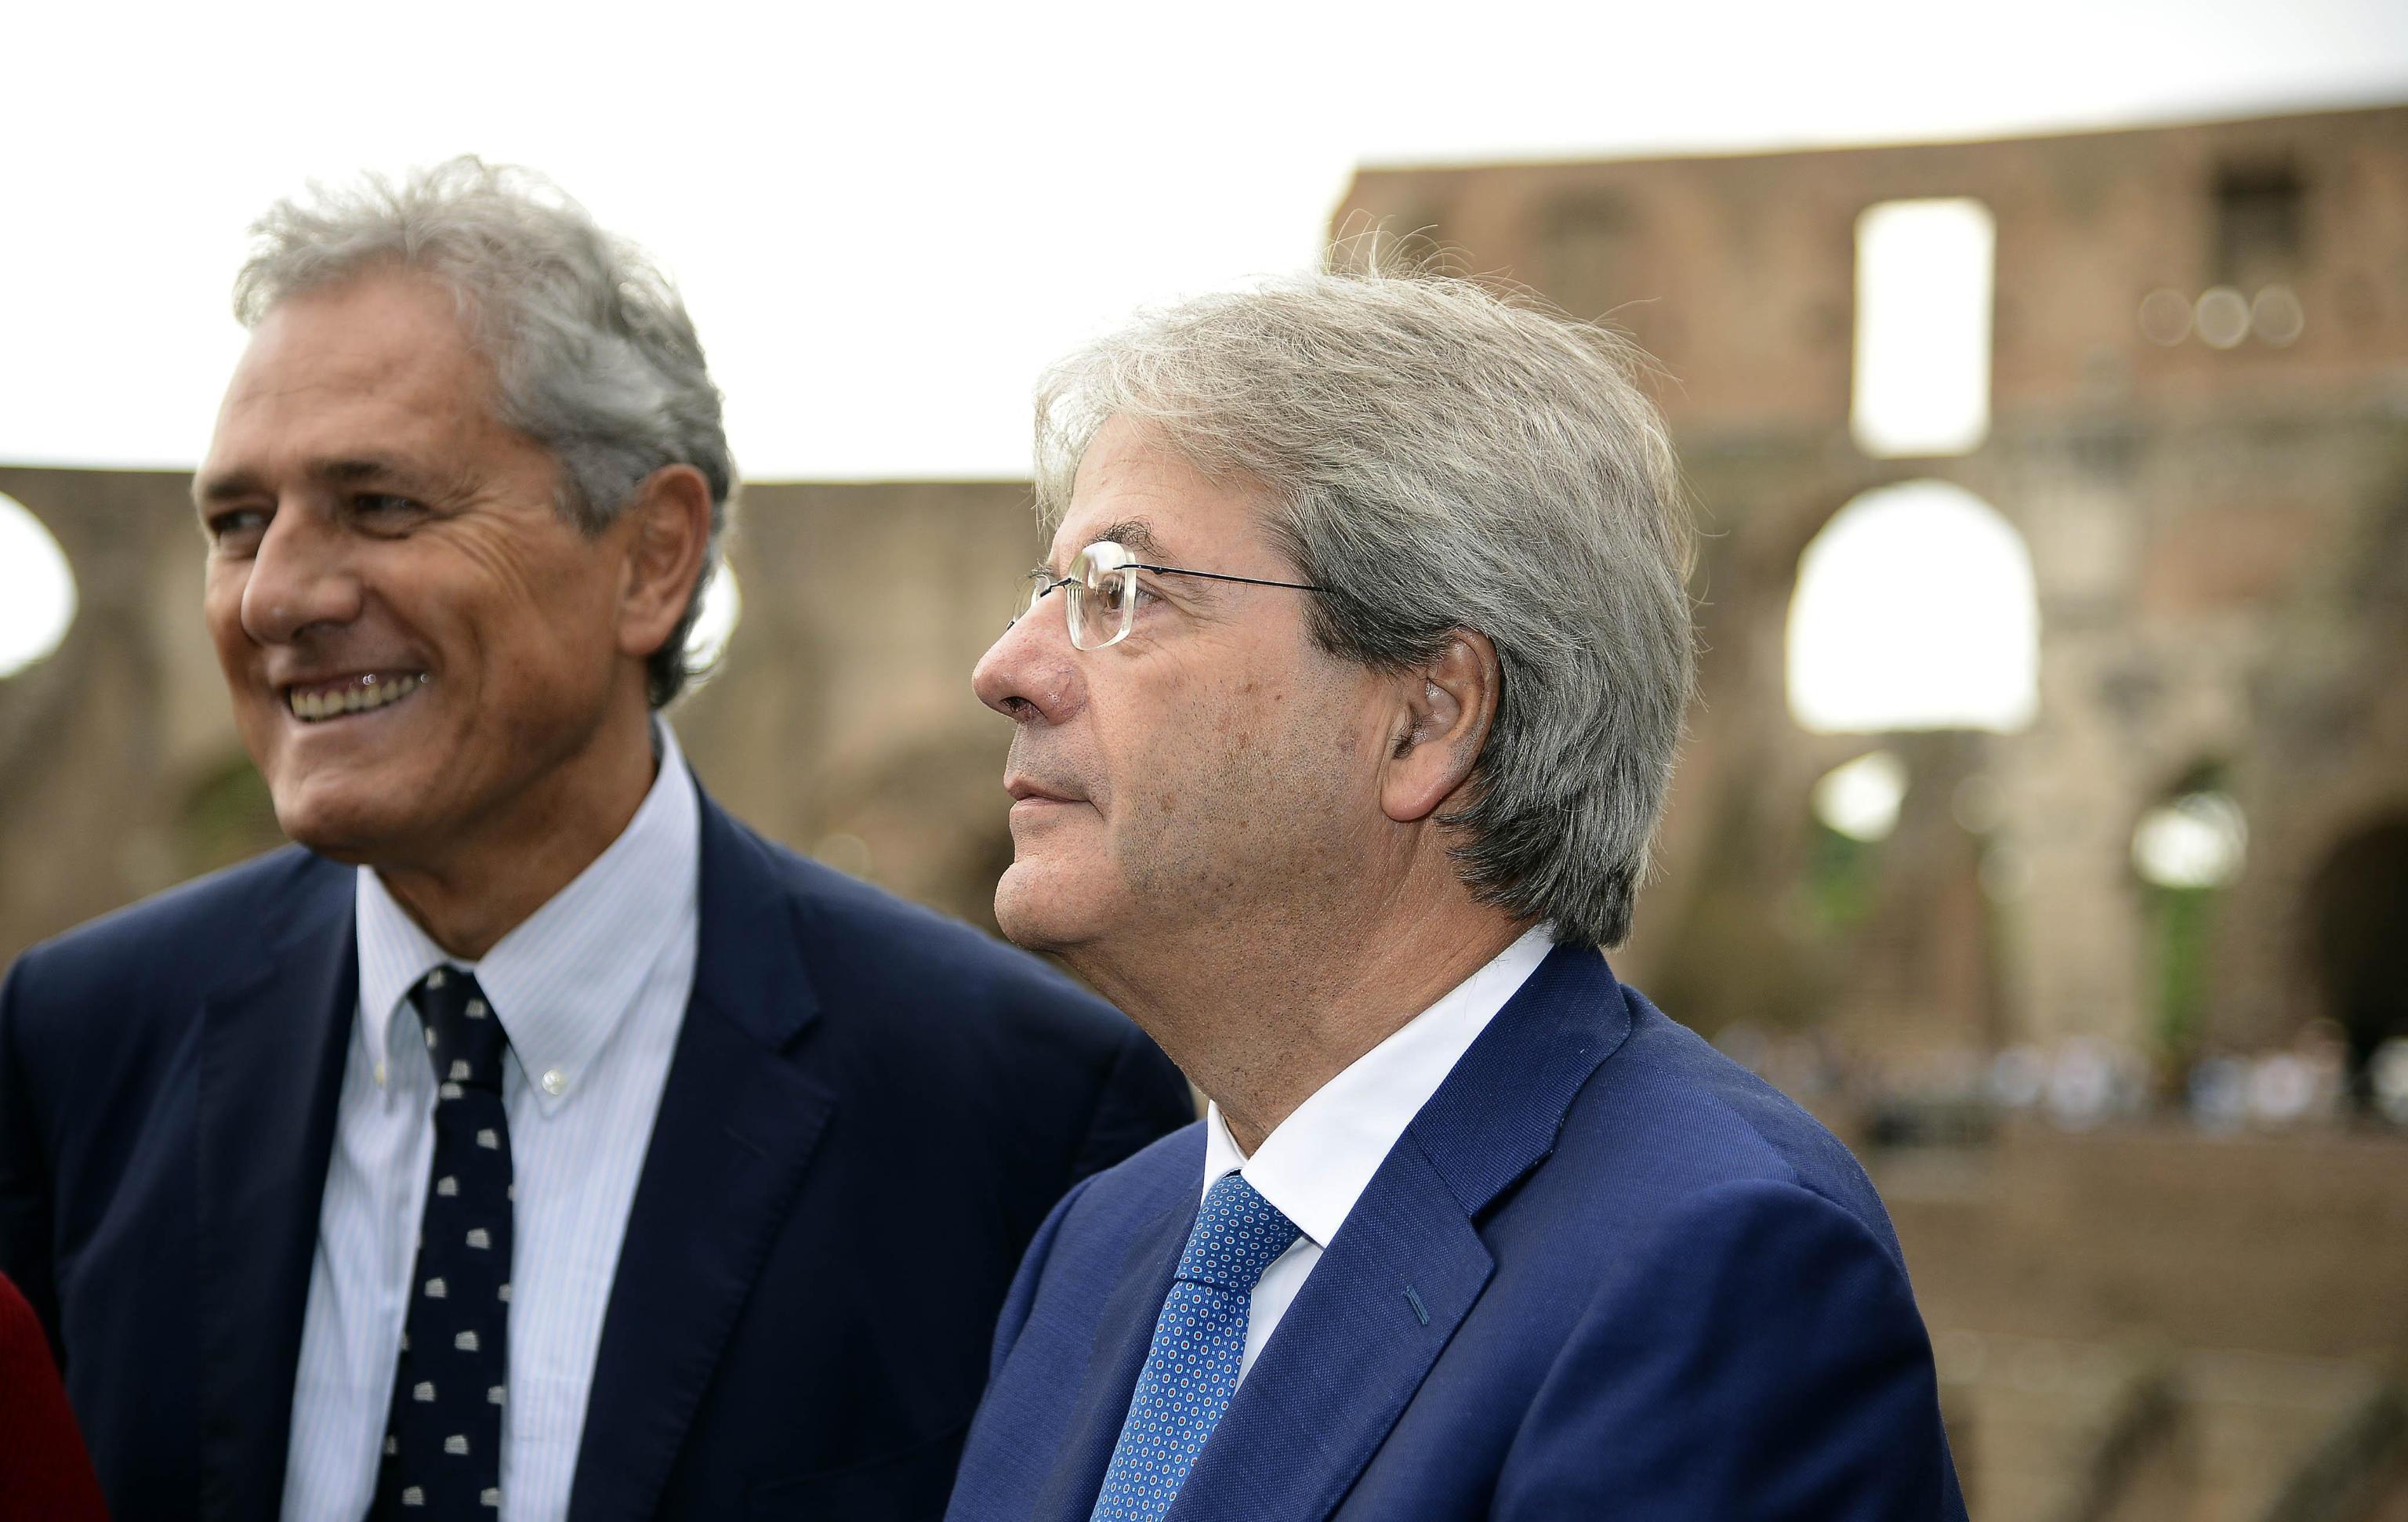 Paolo Gentiloni, la carriera politica per immagini